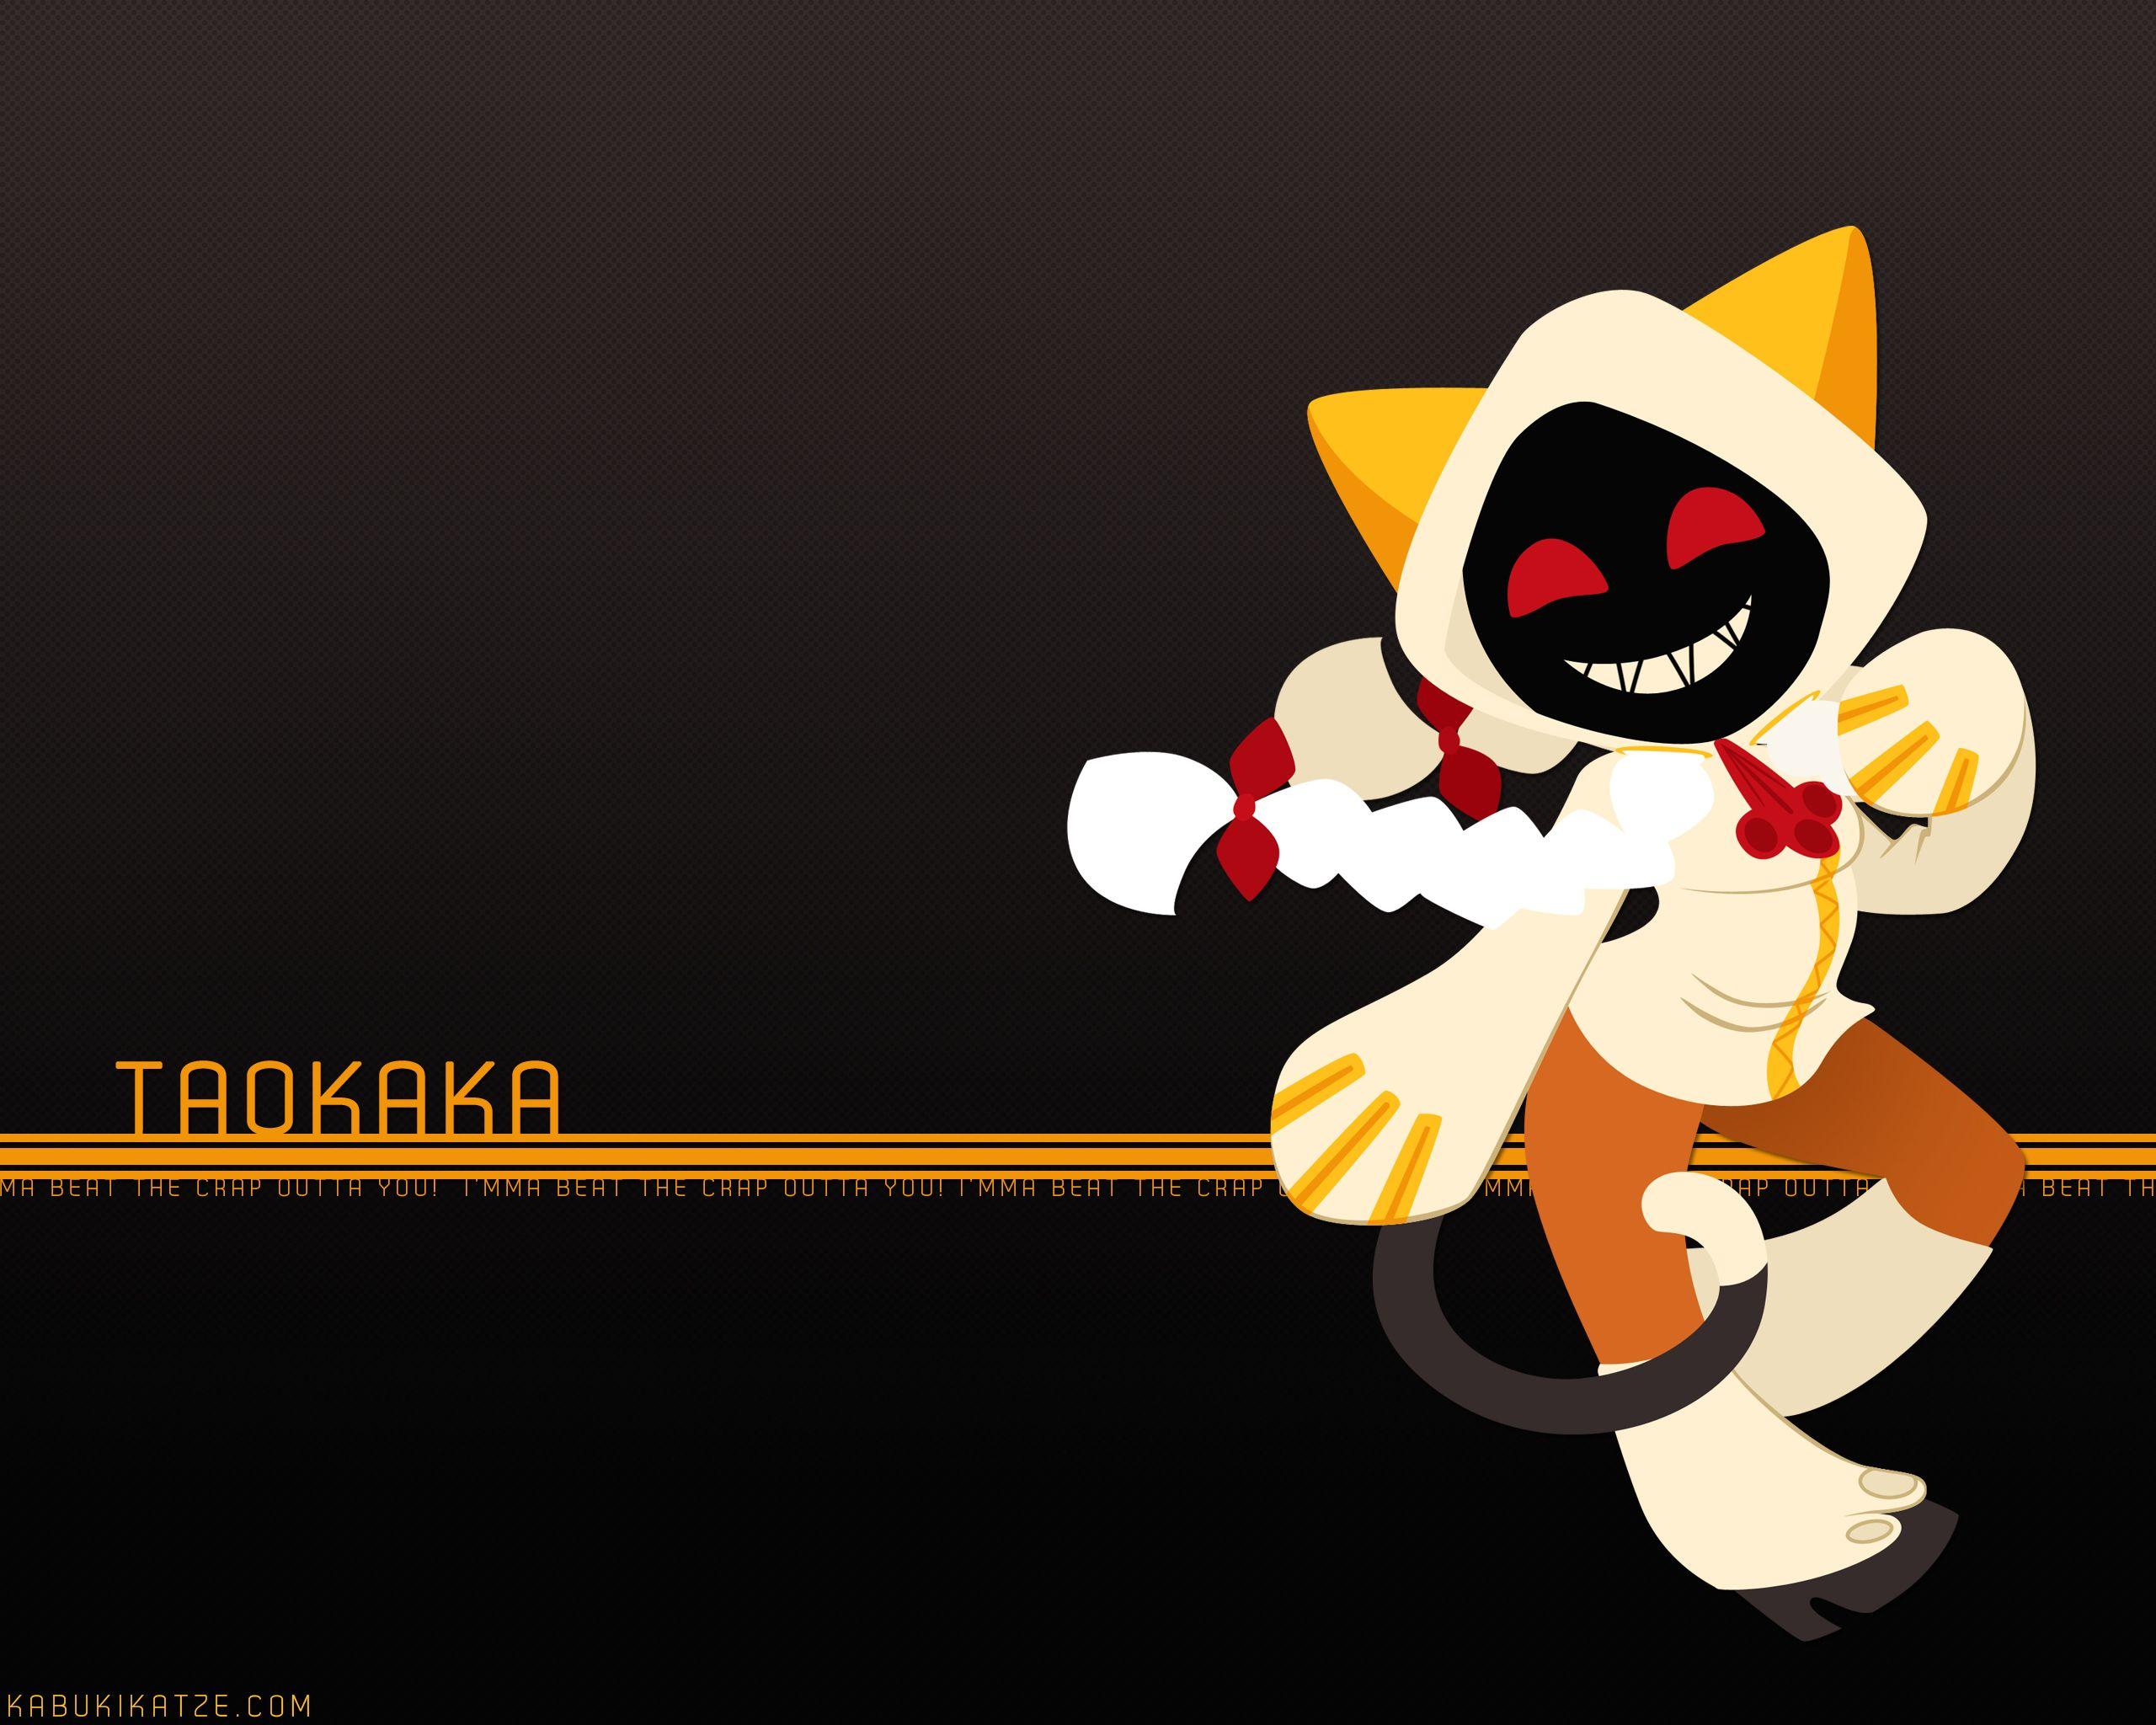 Taokaka from the BlazBlue